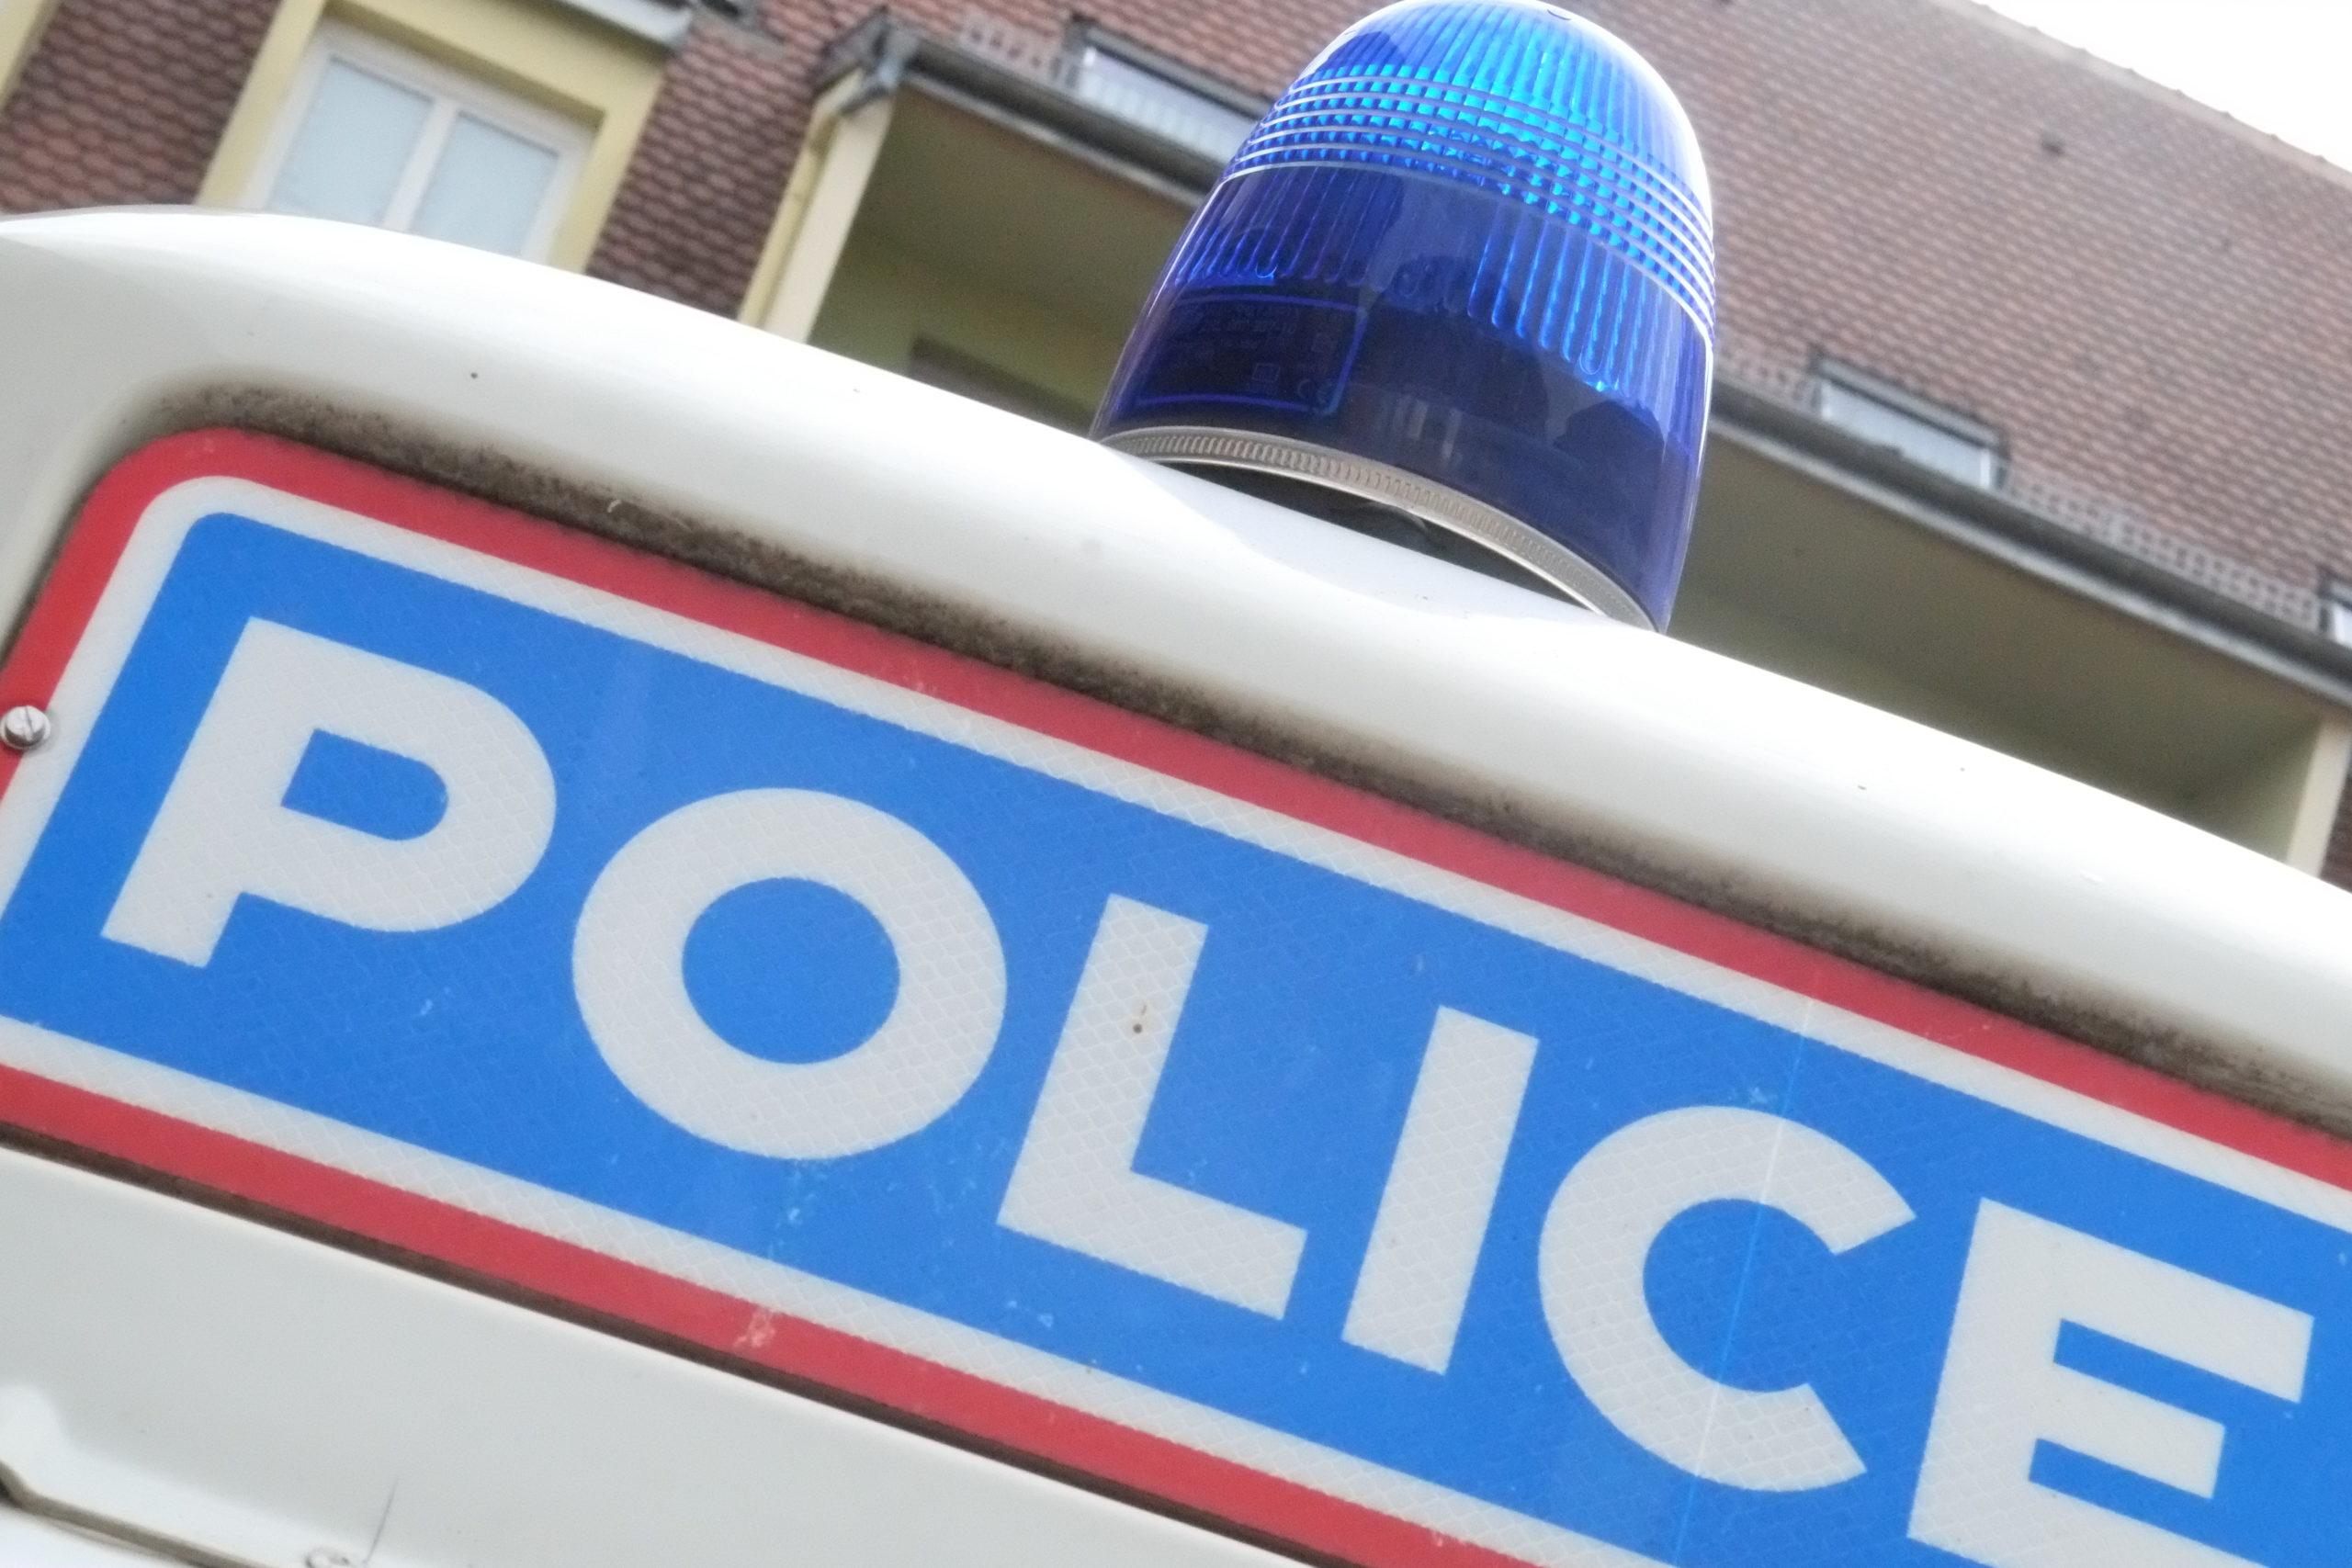 Deux hommes soupçonnés d'avoir commis des cambriolages en Côte-d'Or, aux dépens notamment de joueurs du club de football de Dijon (Ligue 1), ont été écroués mercredi et jeudi à Dijon,